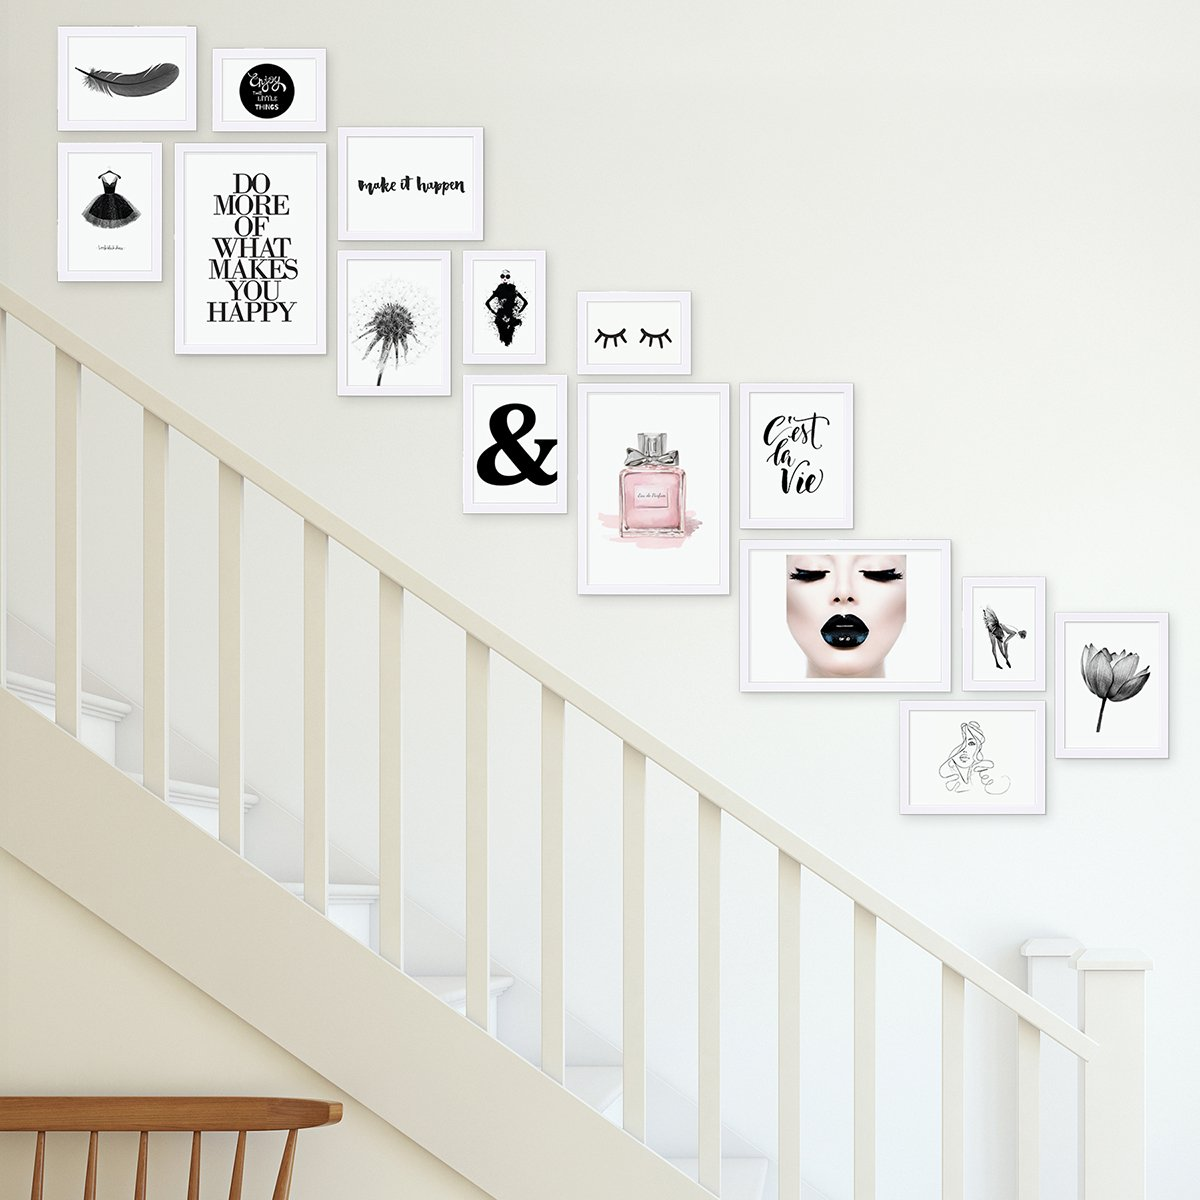 Lot de 3 Cadres 10x15 cm Moderne Blanc en MDF avec vitre en Acrylique Comprenant Accessoires//Collage de Photos//galerie dimages//Multi Cadre Photo Mural